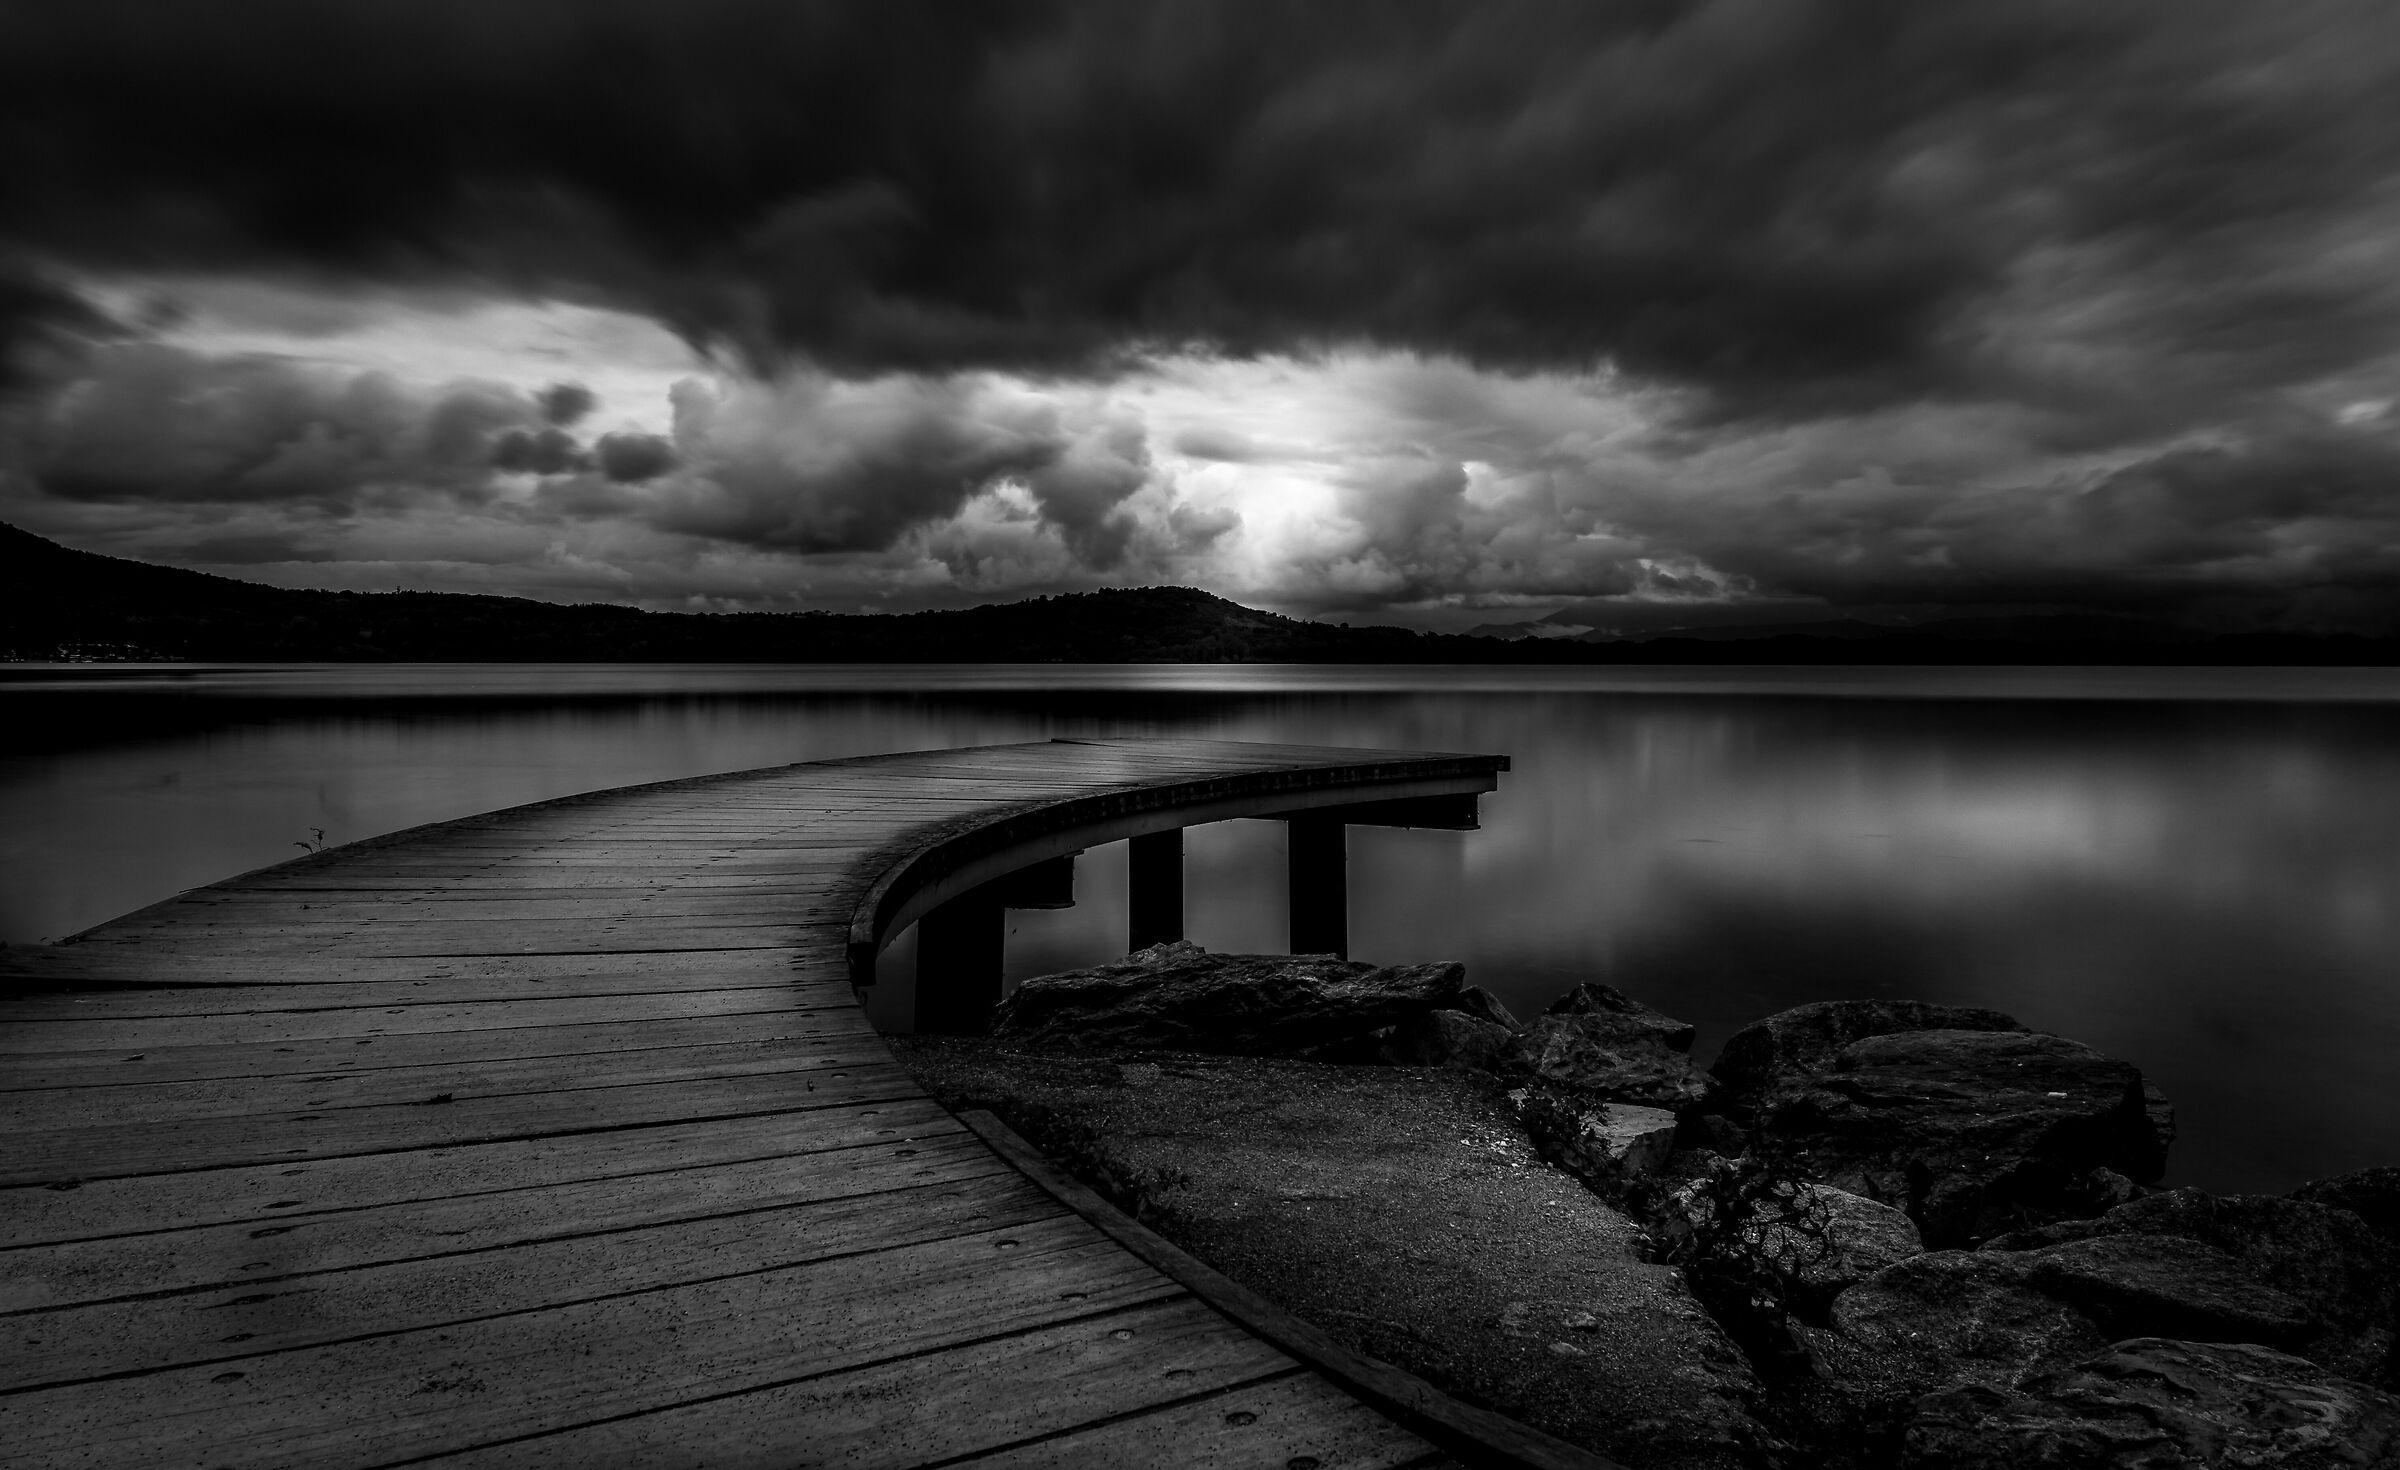 Lightning on lake...